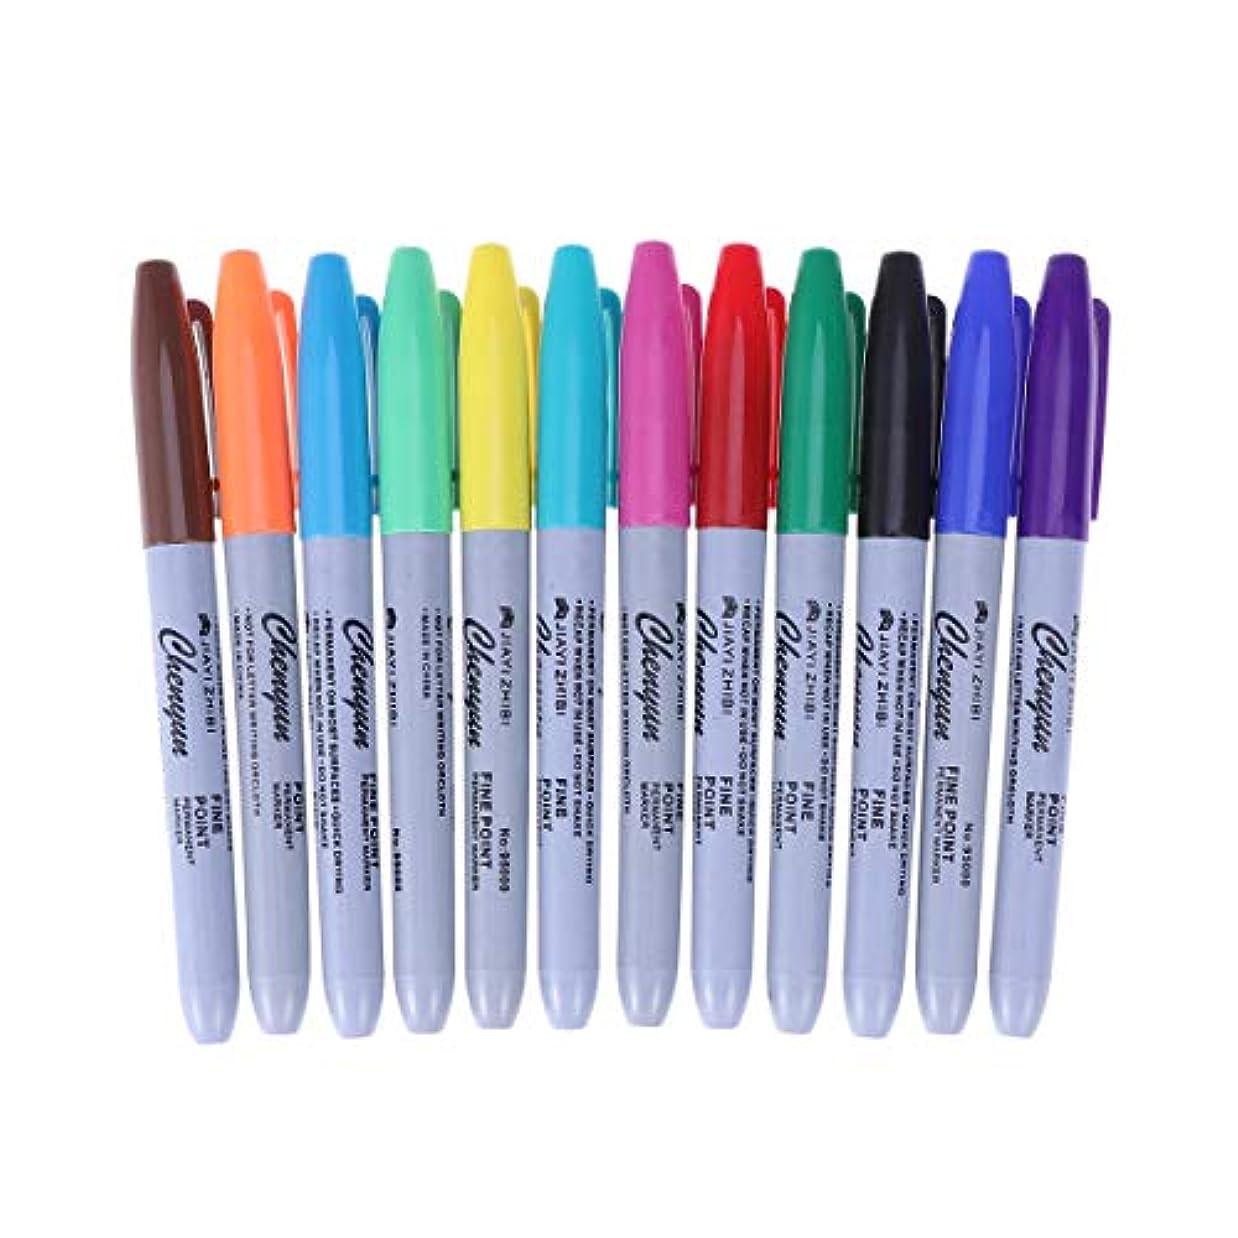 討論制裁レギュラーHealifty 12色タトゥーペン防水タトゥースキンマーカーマーキングスクライブペンファインとレッグチップタトゥー用品